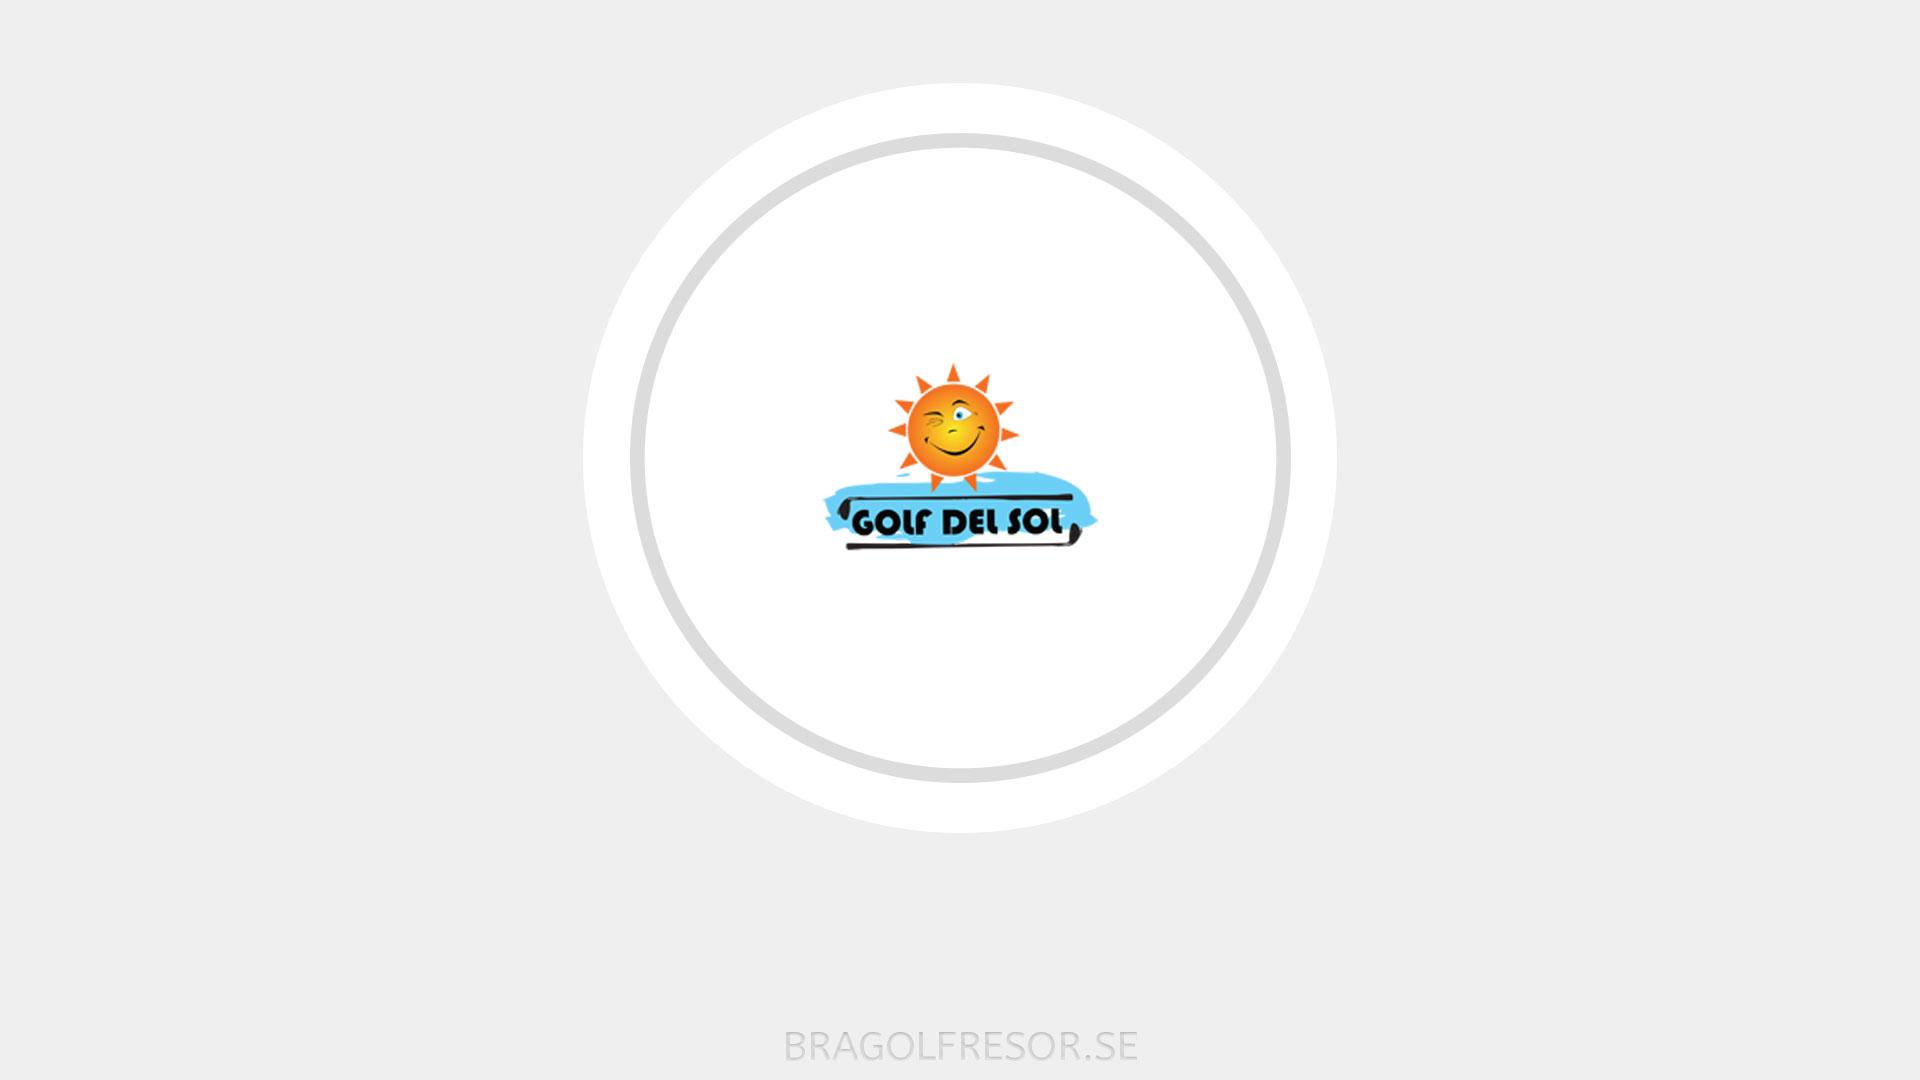 Golf del Sol